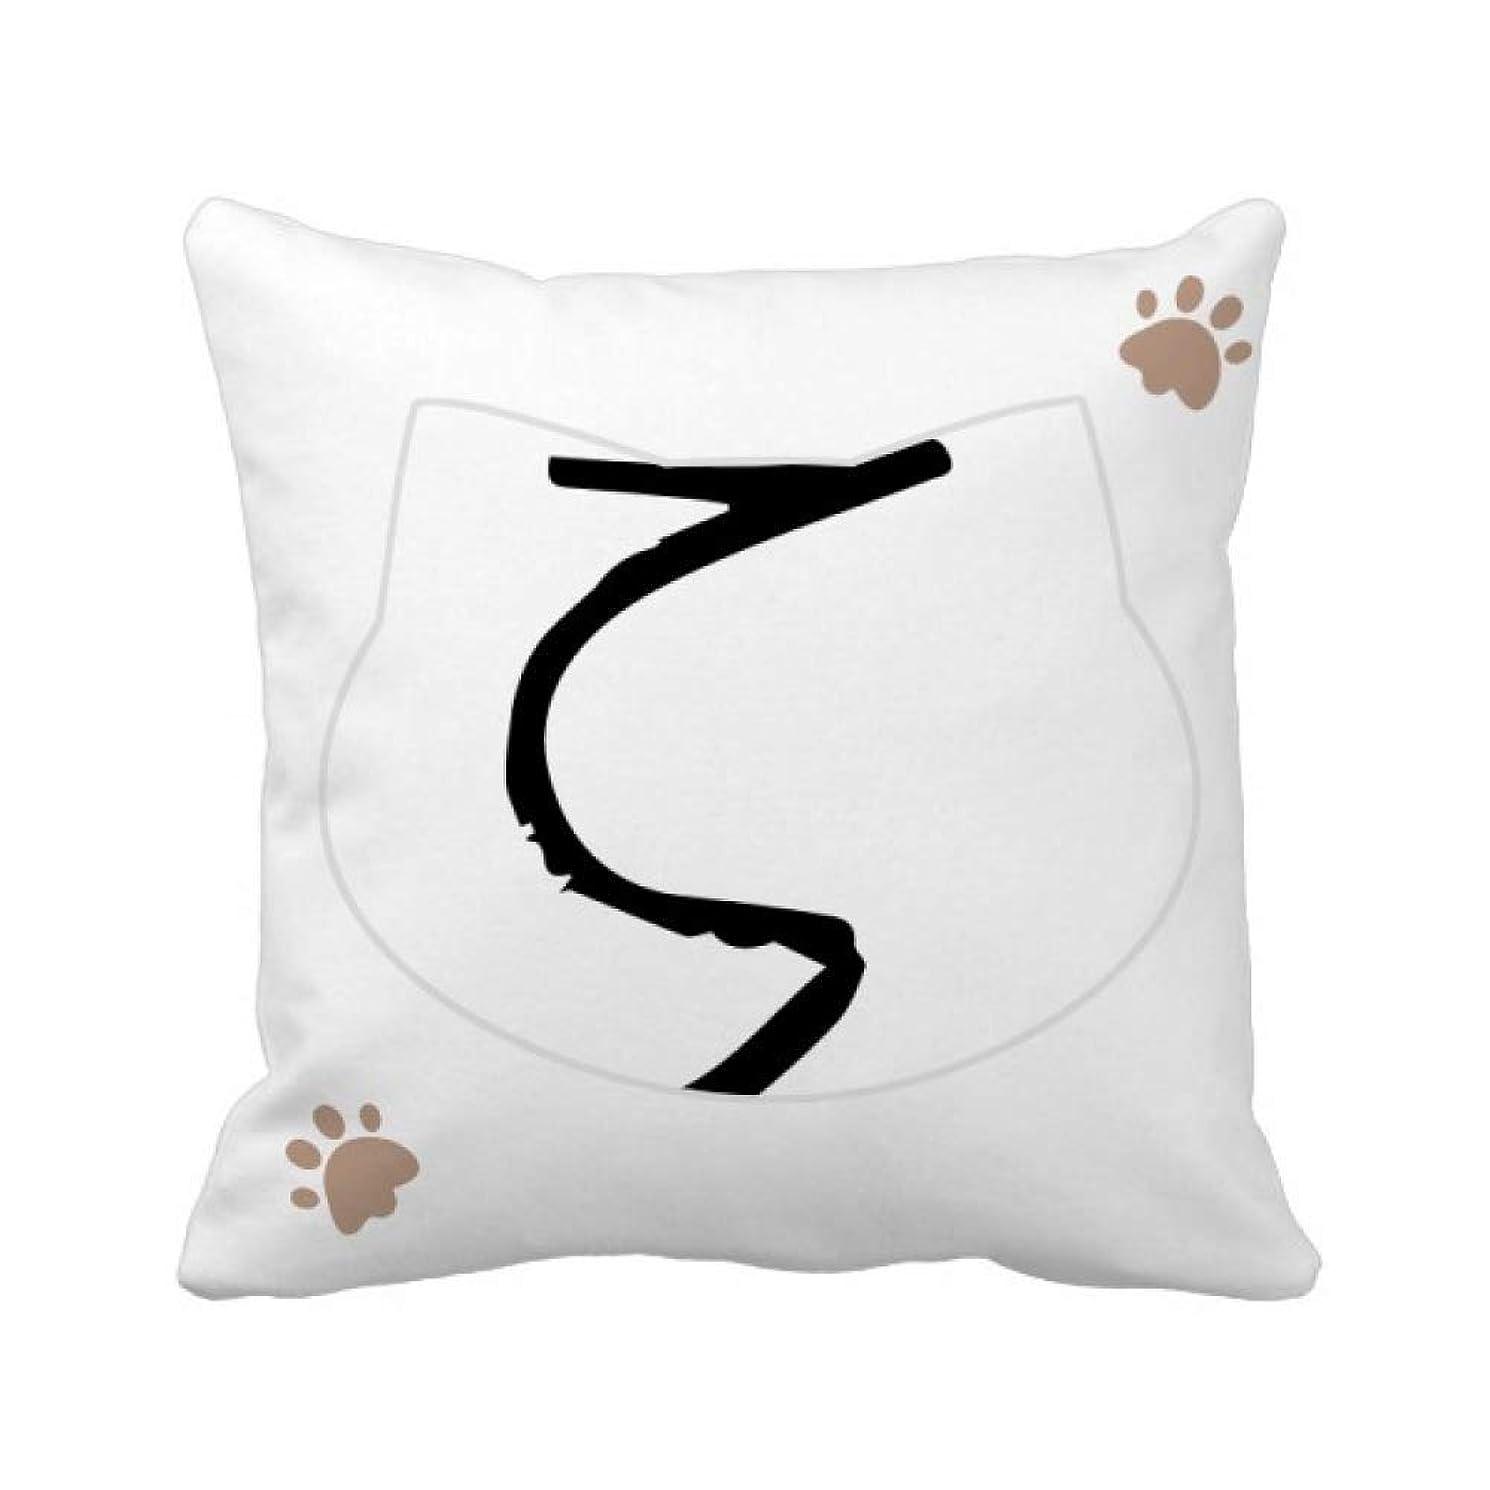 レビュー物語クレタギリシャ語アルファベットのゼータの黒いシルエット 枕カバーを放り投げる猫広場 50cm x 50cm